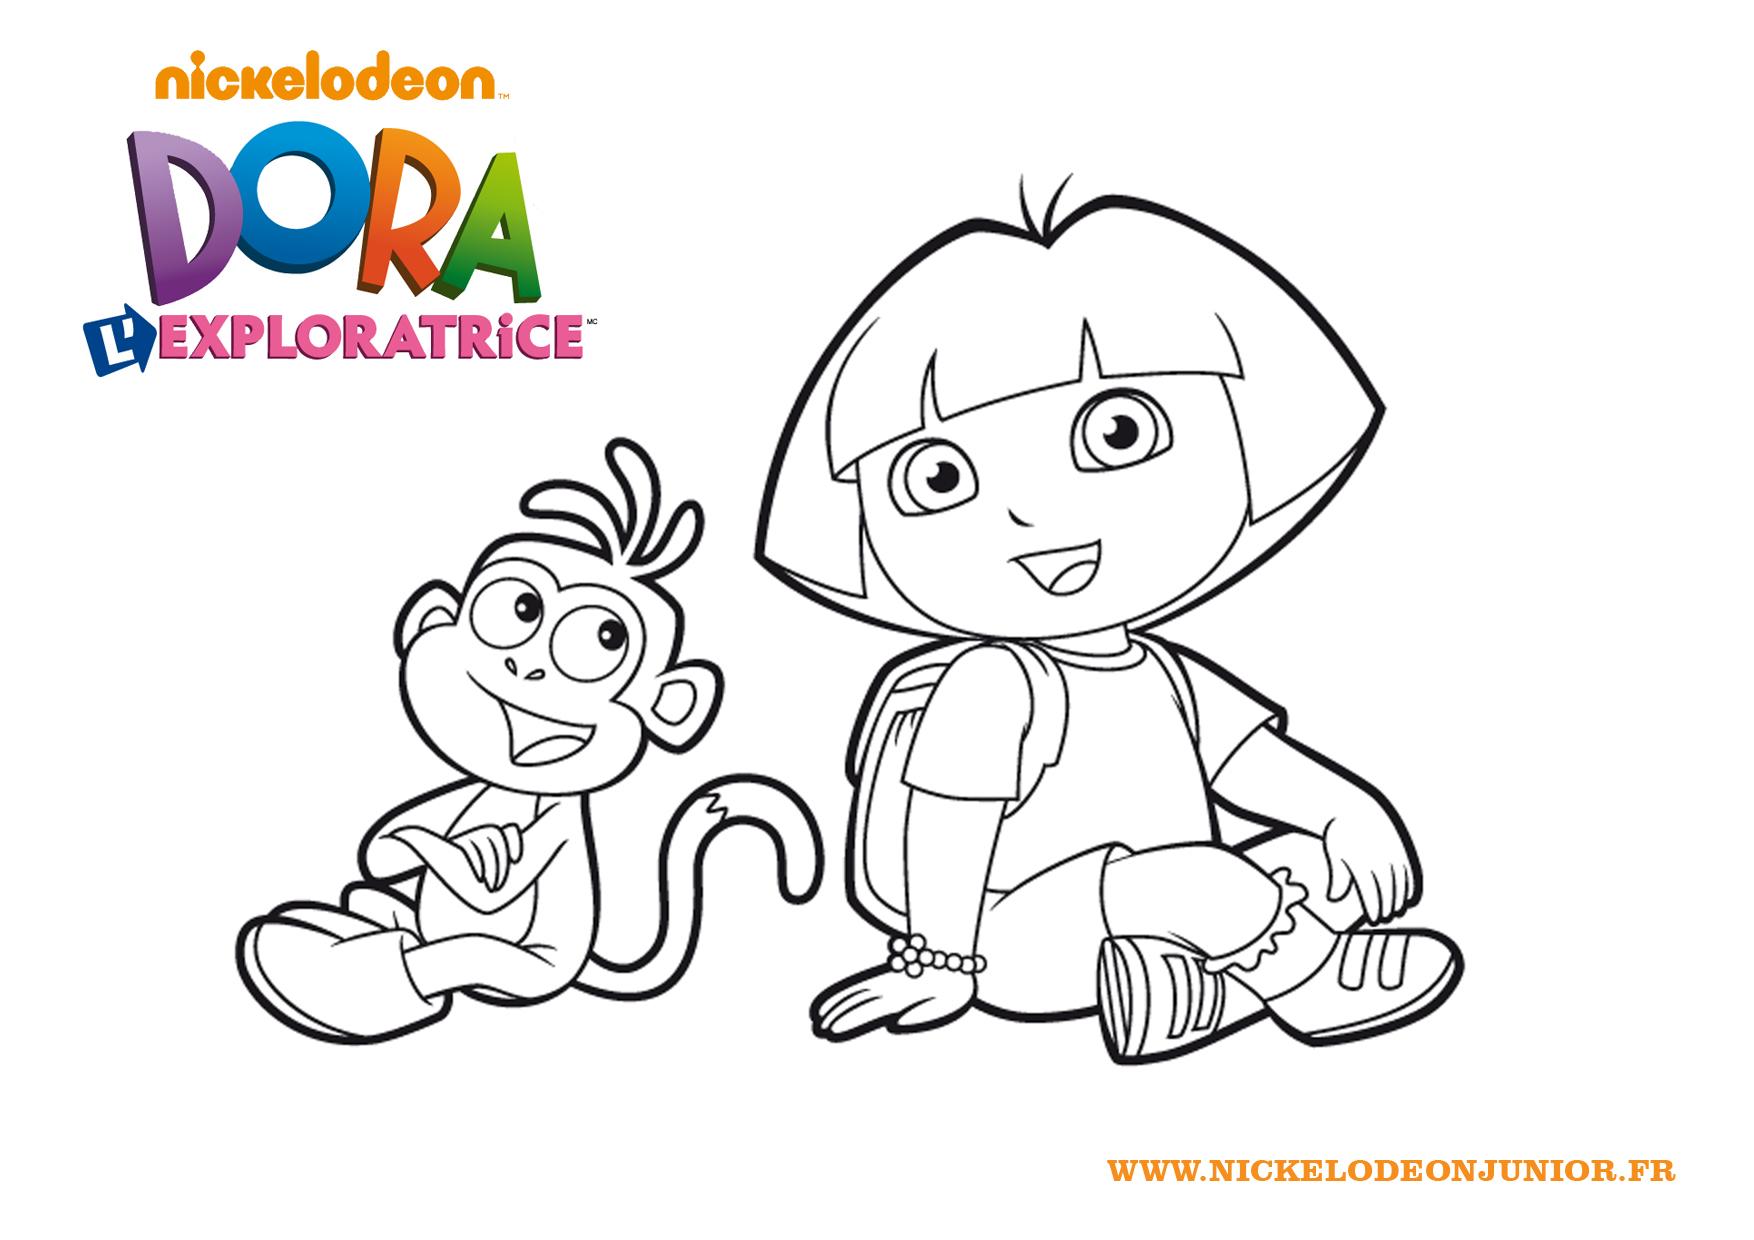 Impressionnant dessins a colorier dora et babouche - Dessin de dora et babouche ...